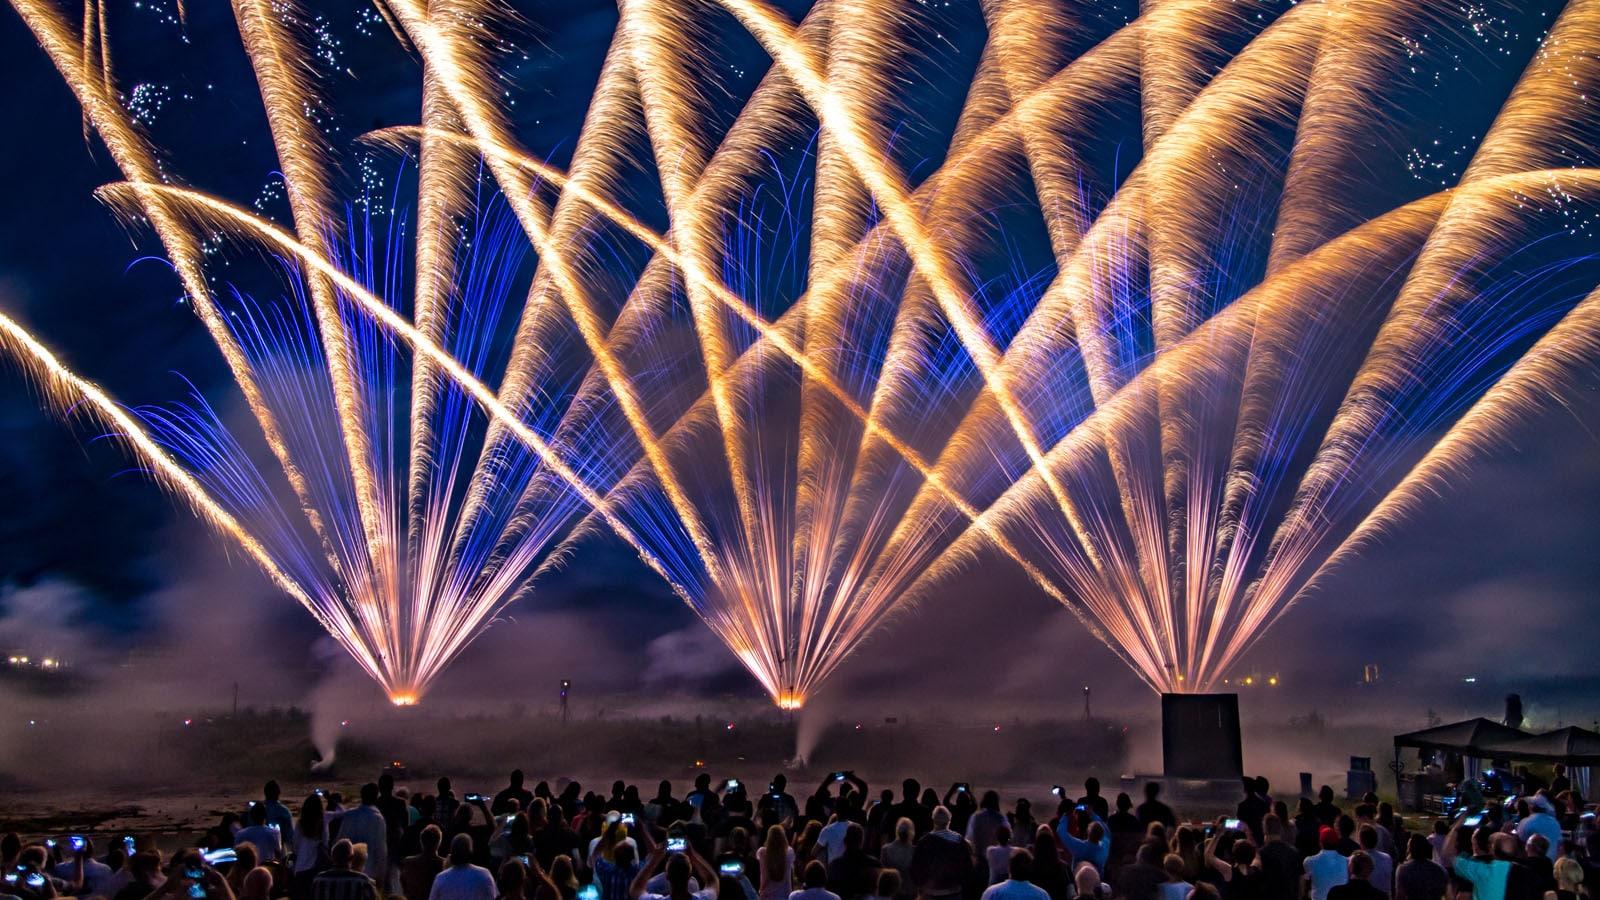 nico europe unternehmen company hoffest 2016 summer party 2016 gigantisches gefächertes feuerwerk mit goldenen und blauen aufstiegen mit blinksternen, davor begeisterte zuschauer